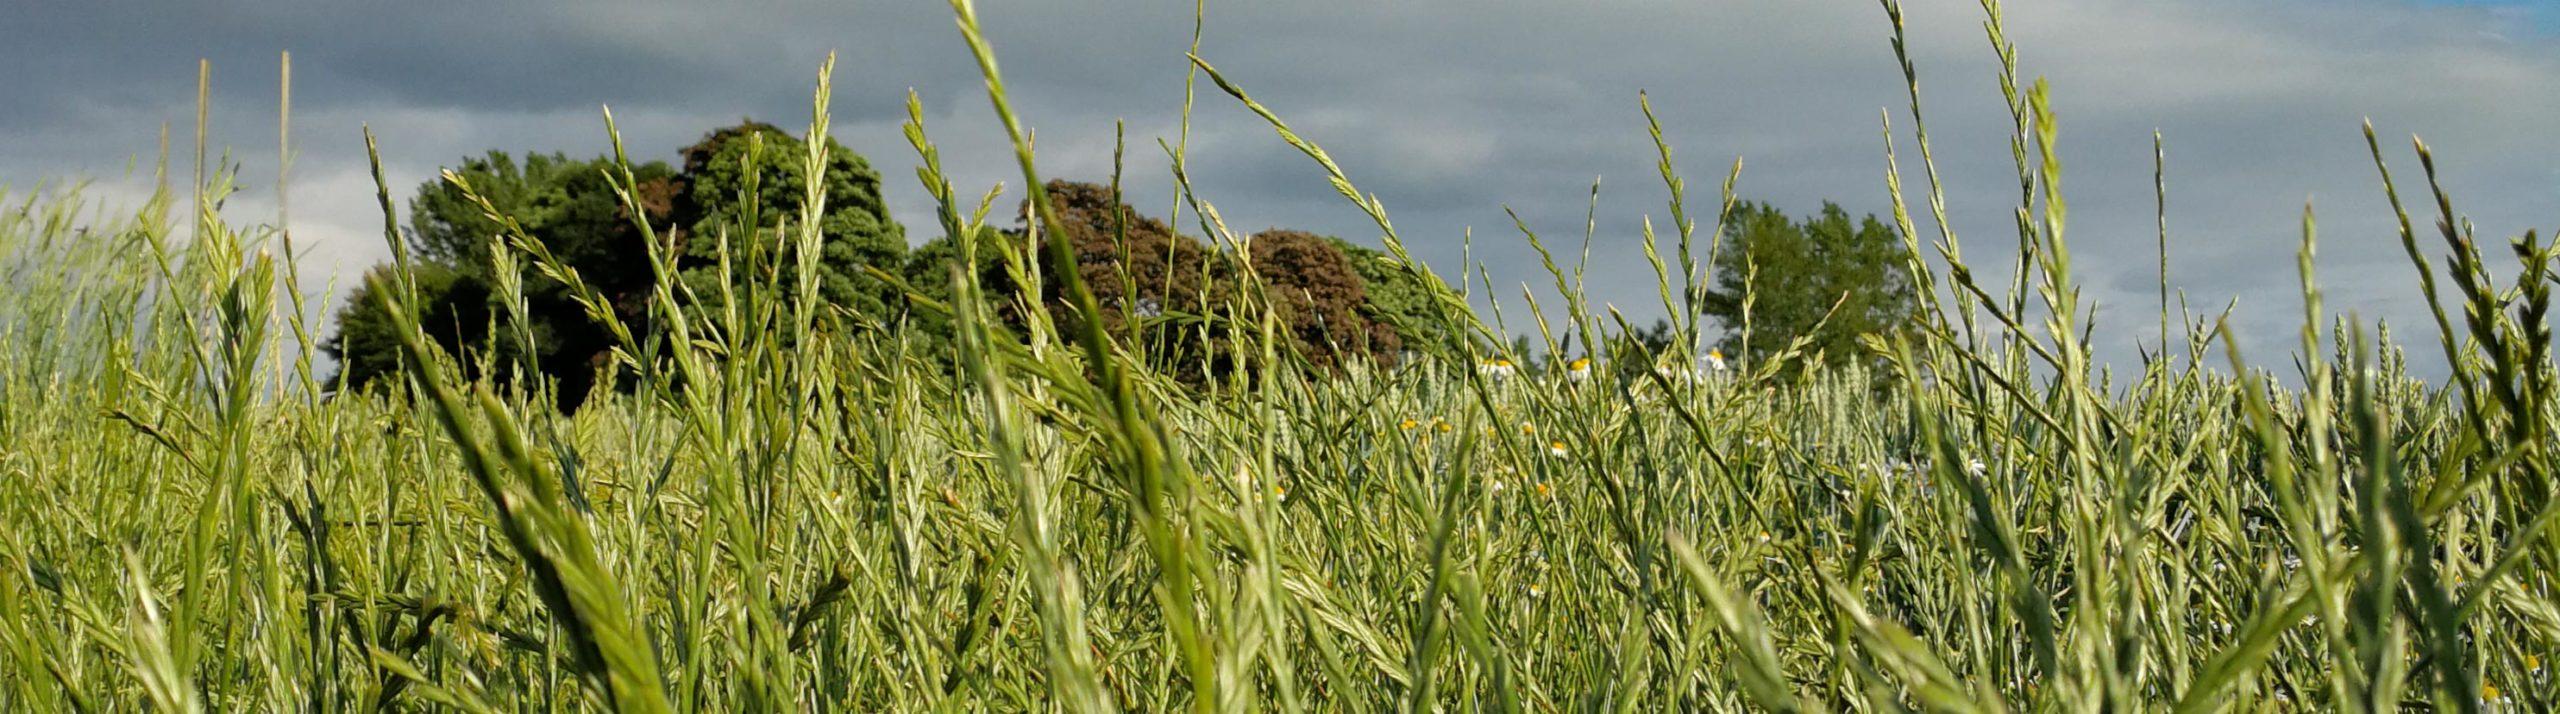 Rajgräs på ett fält med skog och en mörk himmel i bakgrunden.